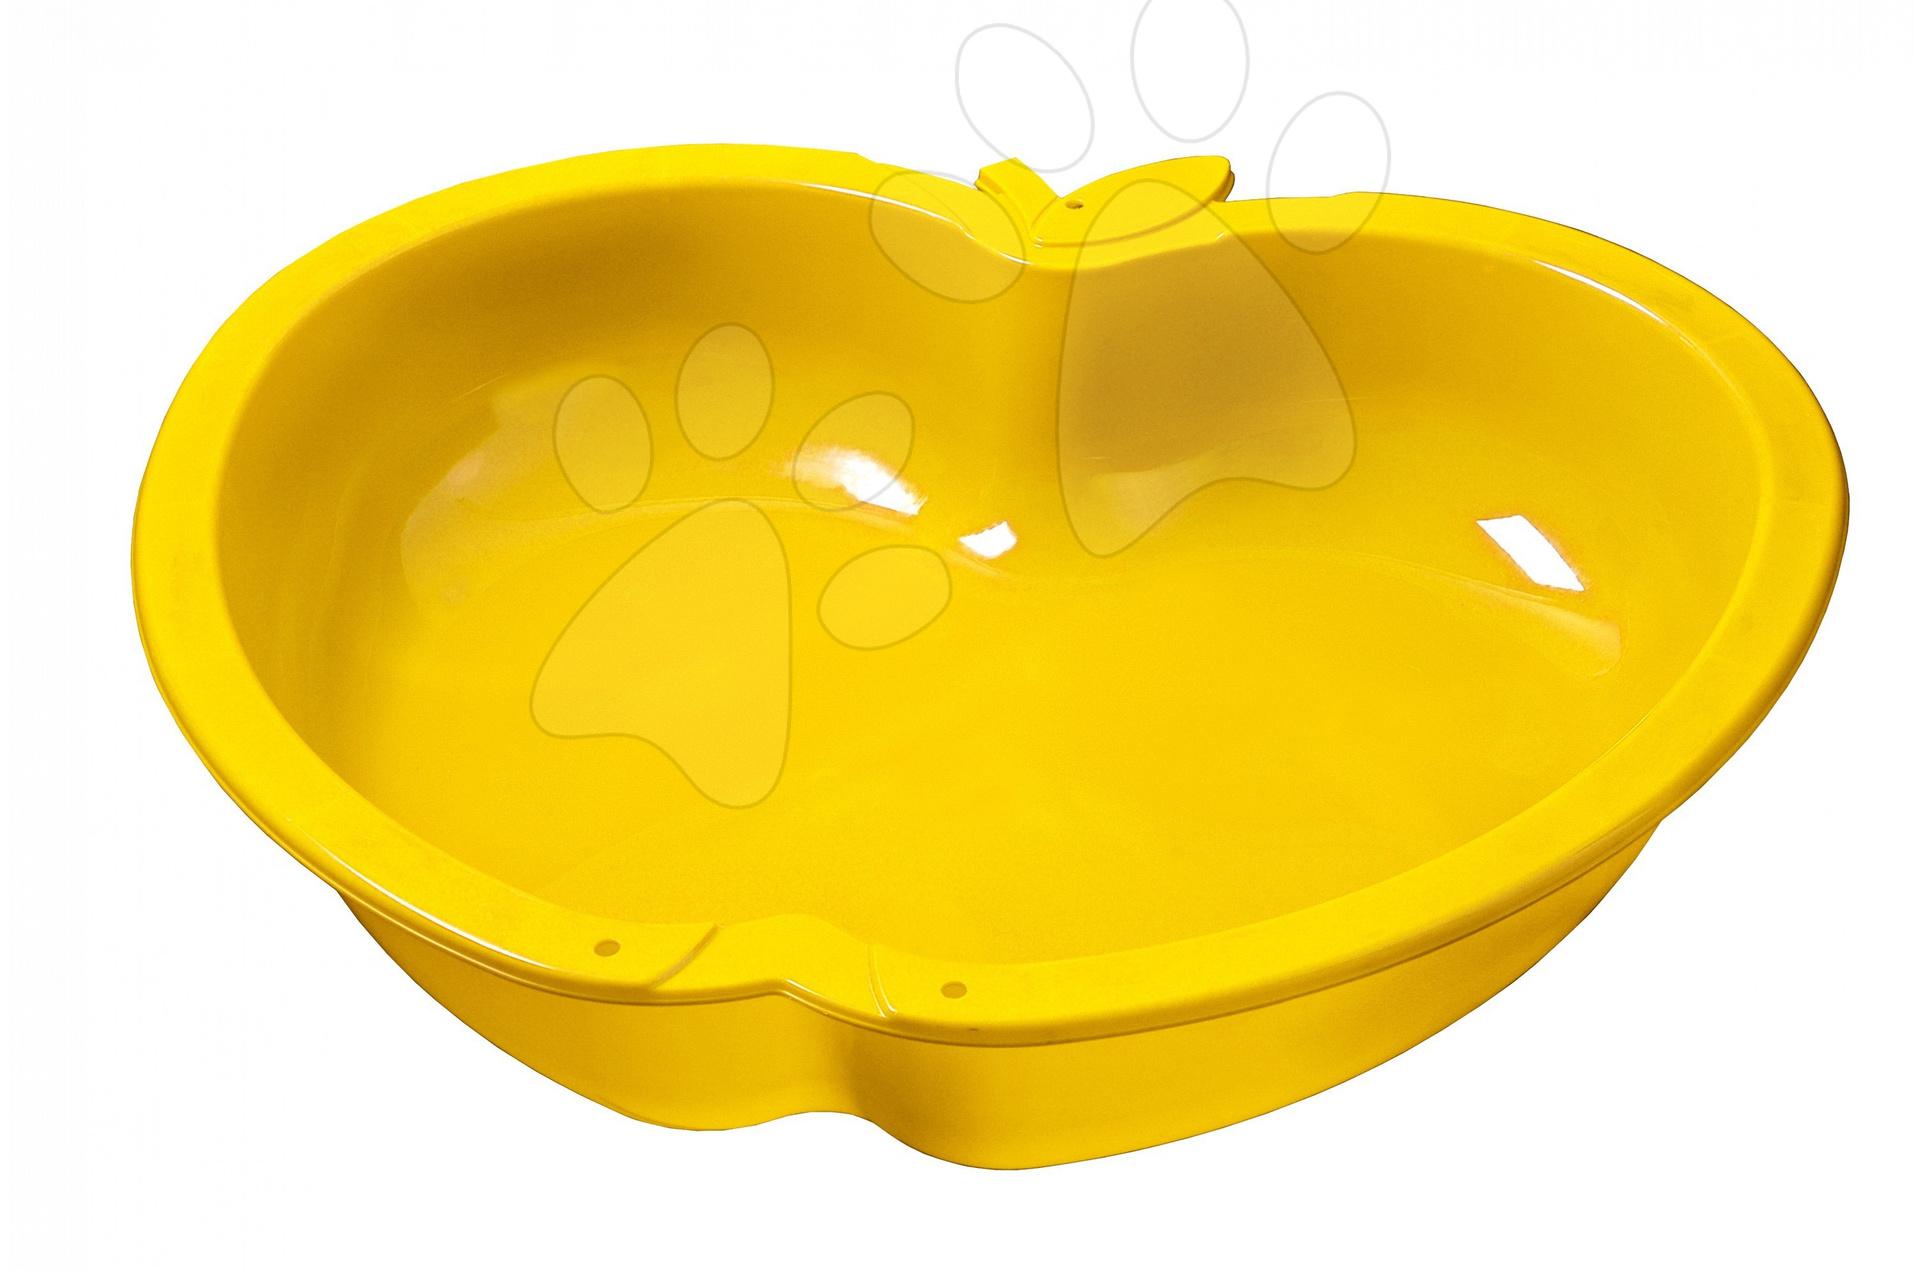 Pieskovisko Jablko Starplast veľké žlté, objem 147 litrov od 24 mes